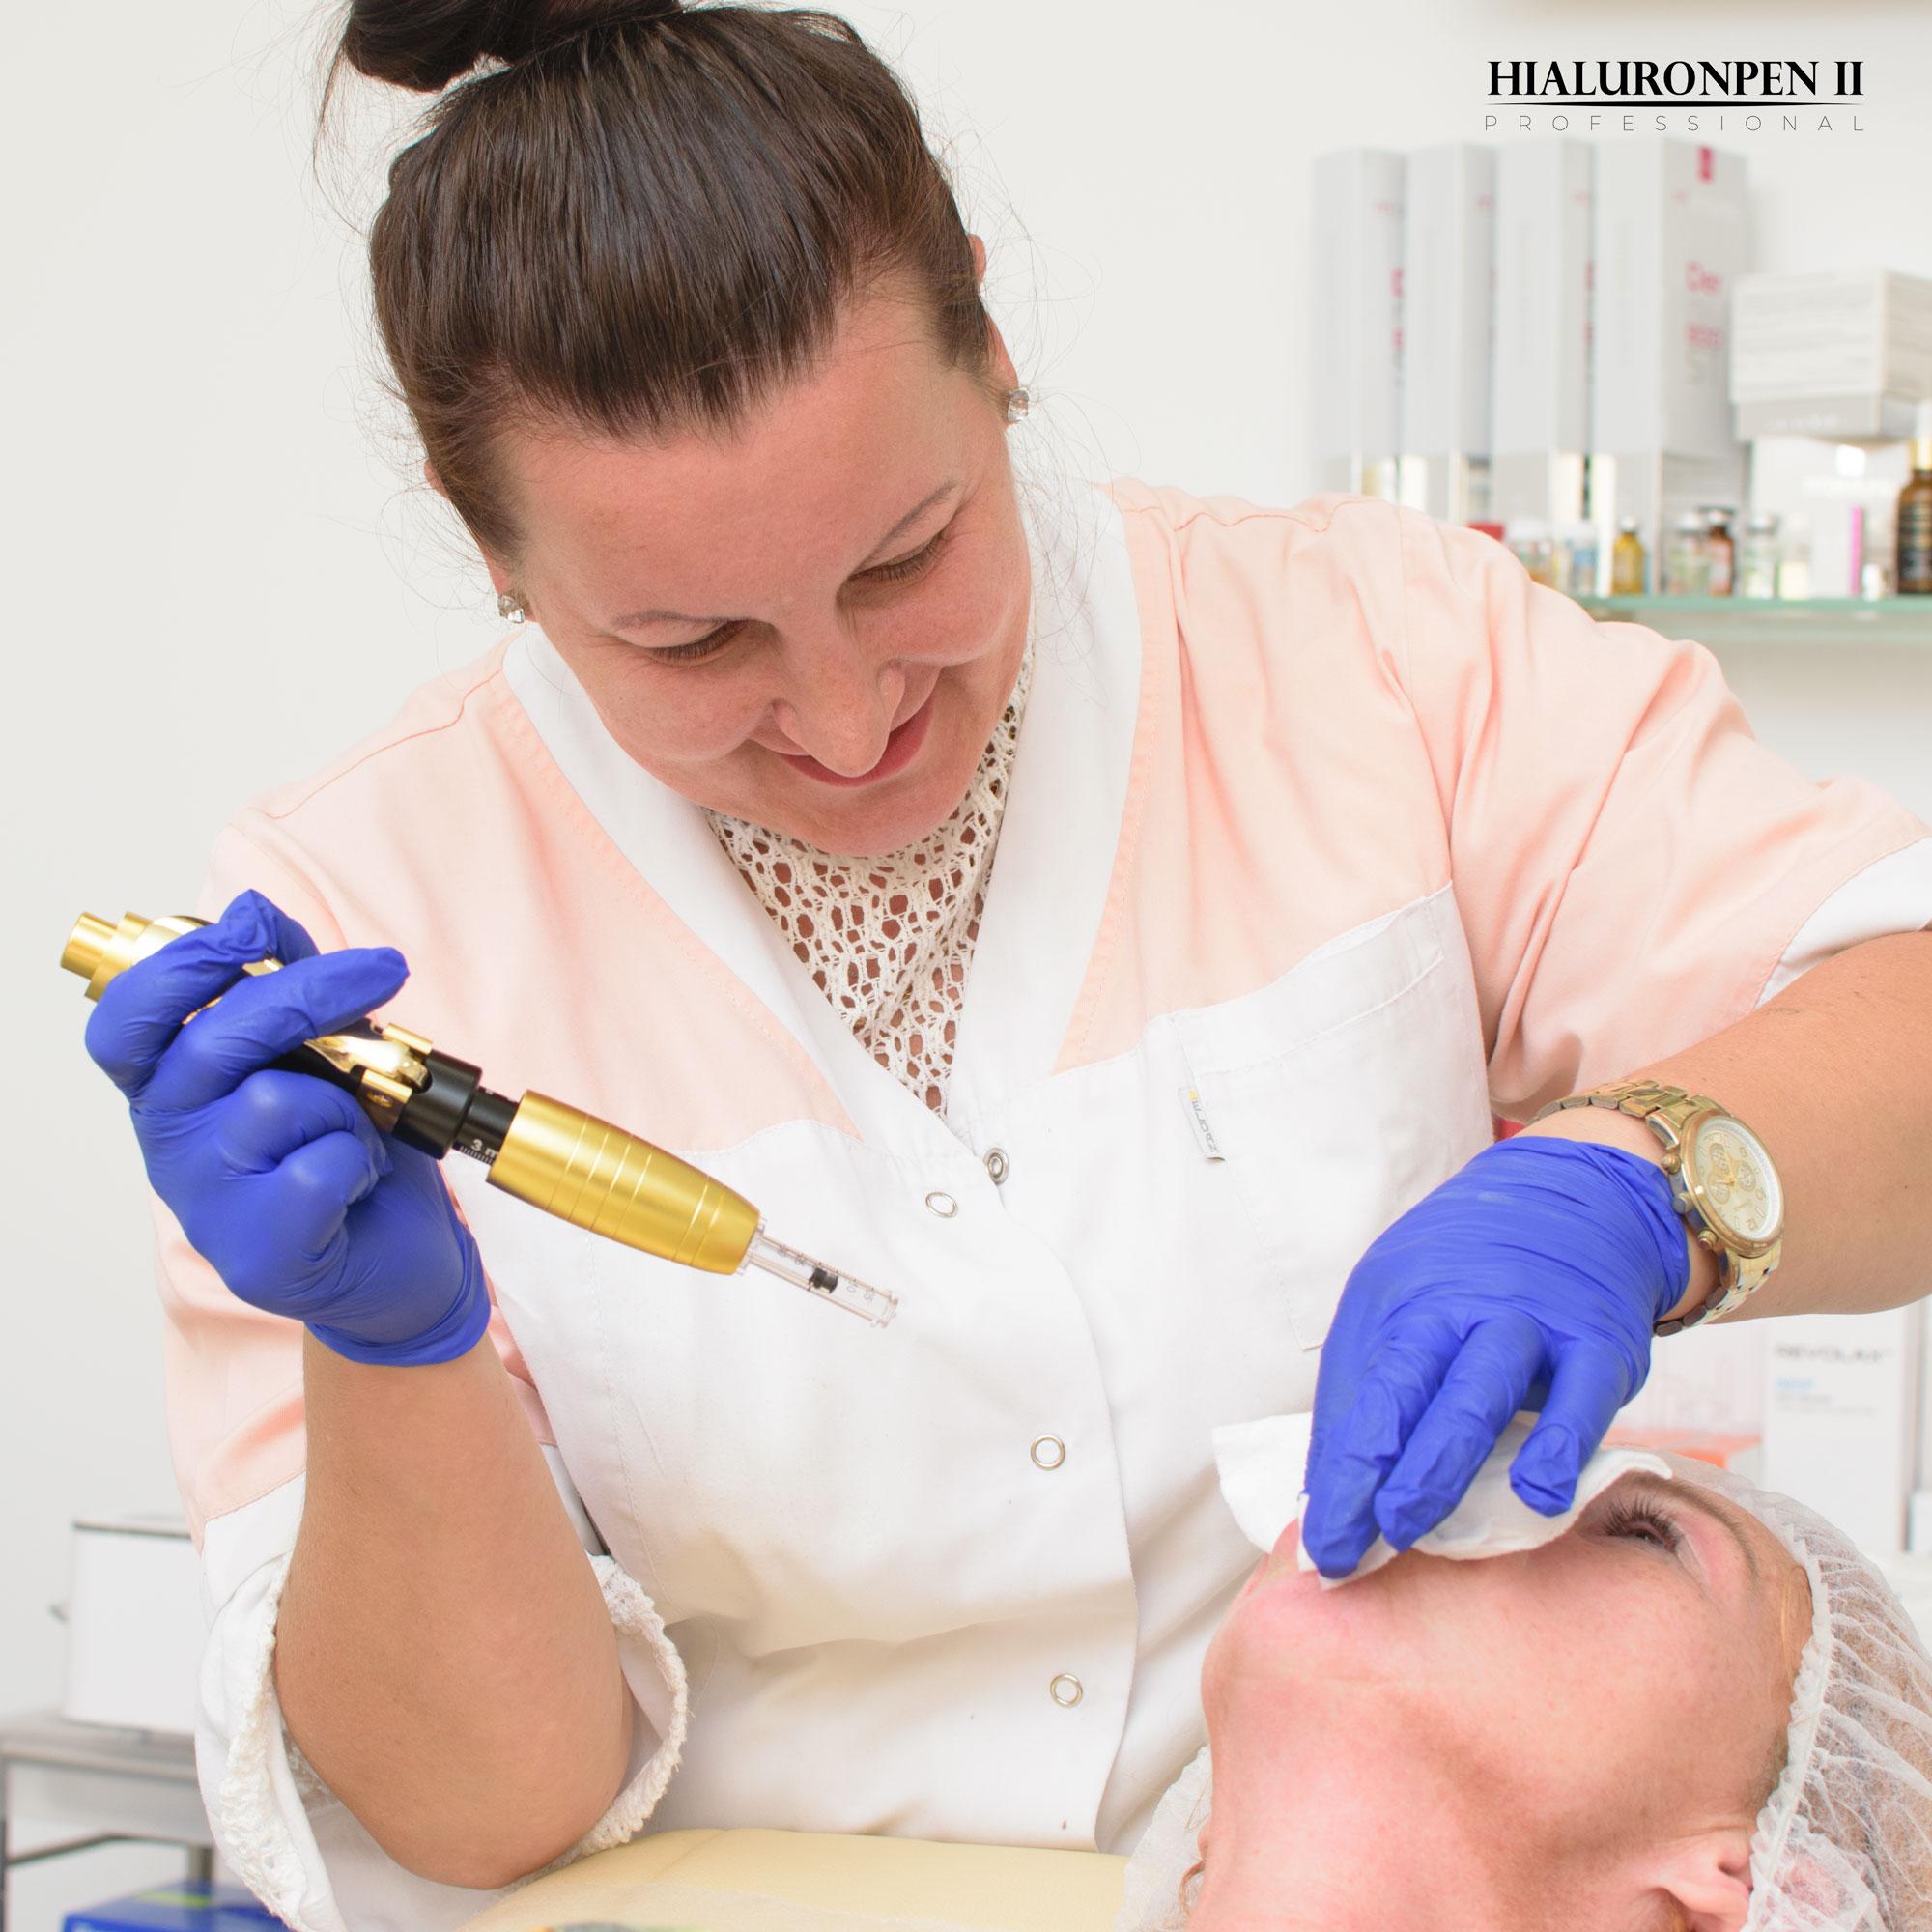 Dzięki urządzeniu Hialuronpen II Professional będziesz mógł przeprowadzić wolumetrie policzków i brody w gabinecie kosmetycznym